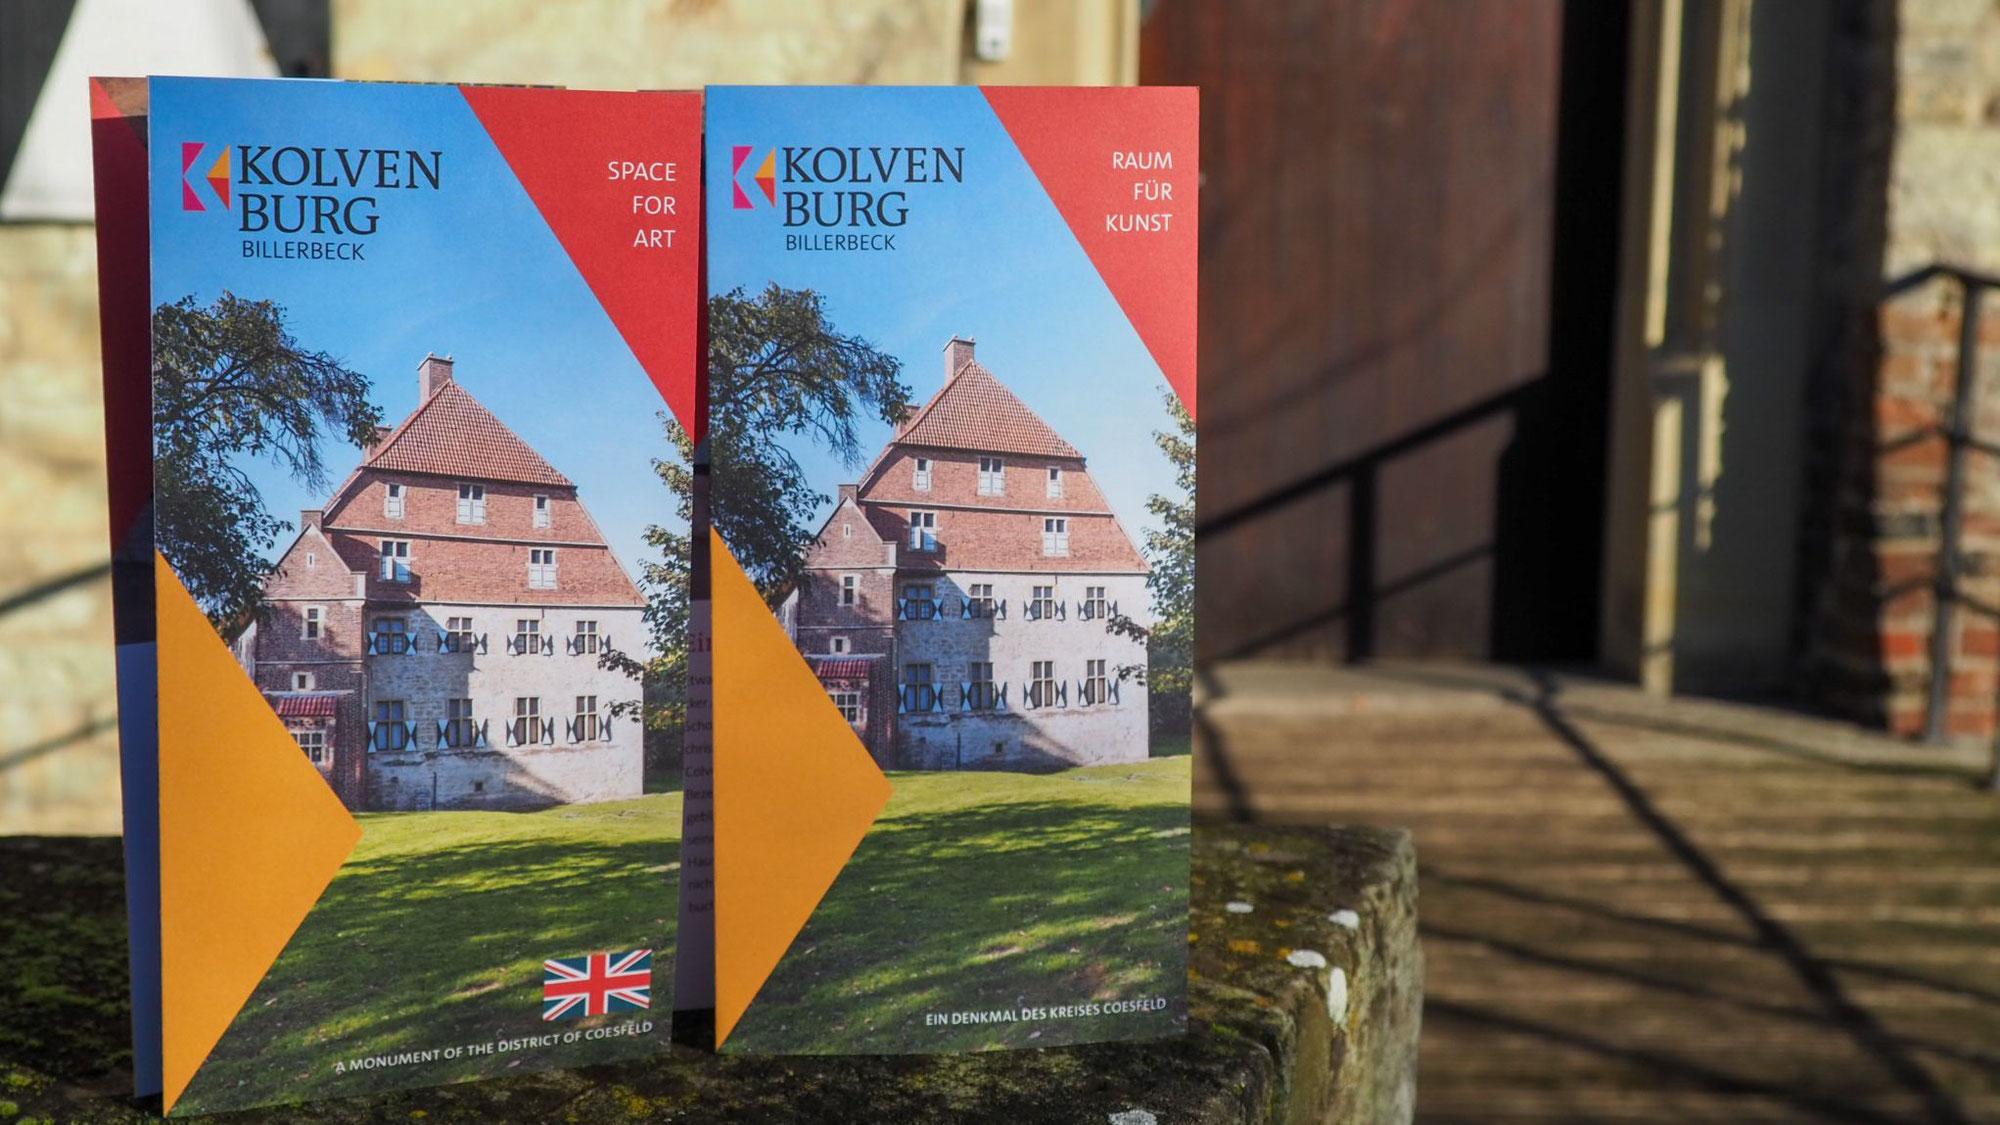 Kolvenburg - Kultur attraktiv, besucherorientiert und überregional erlebbar machen